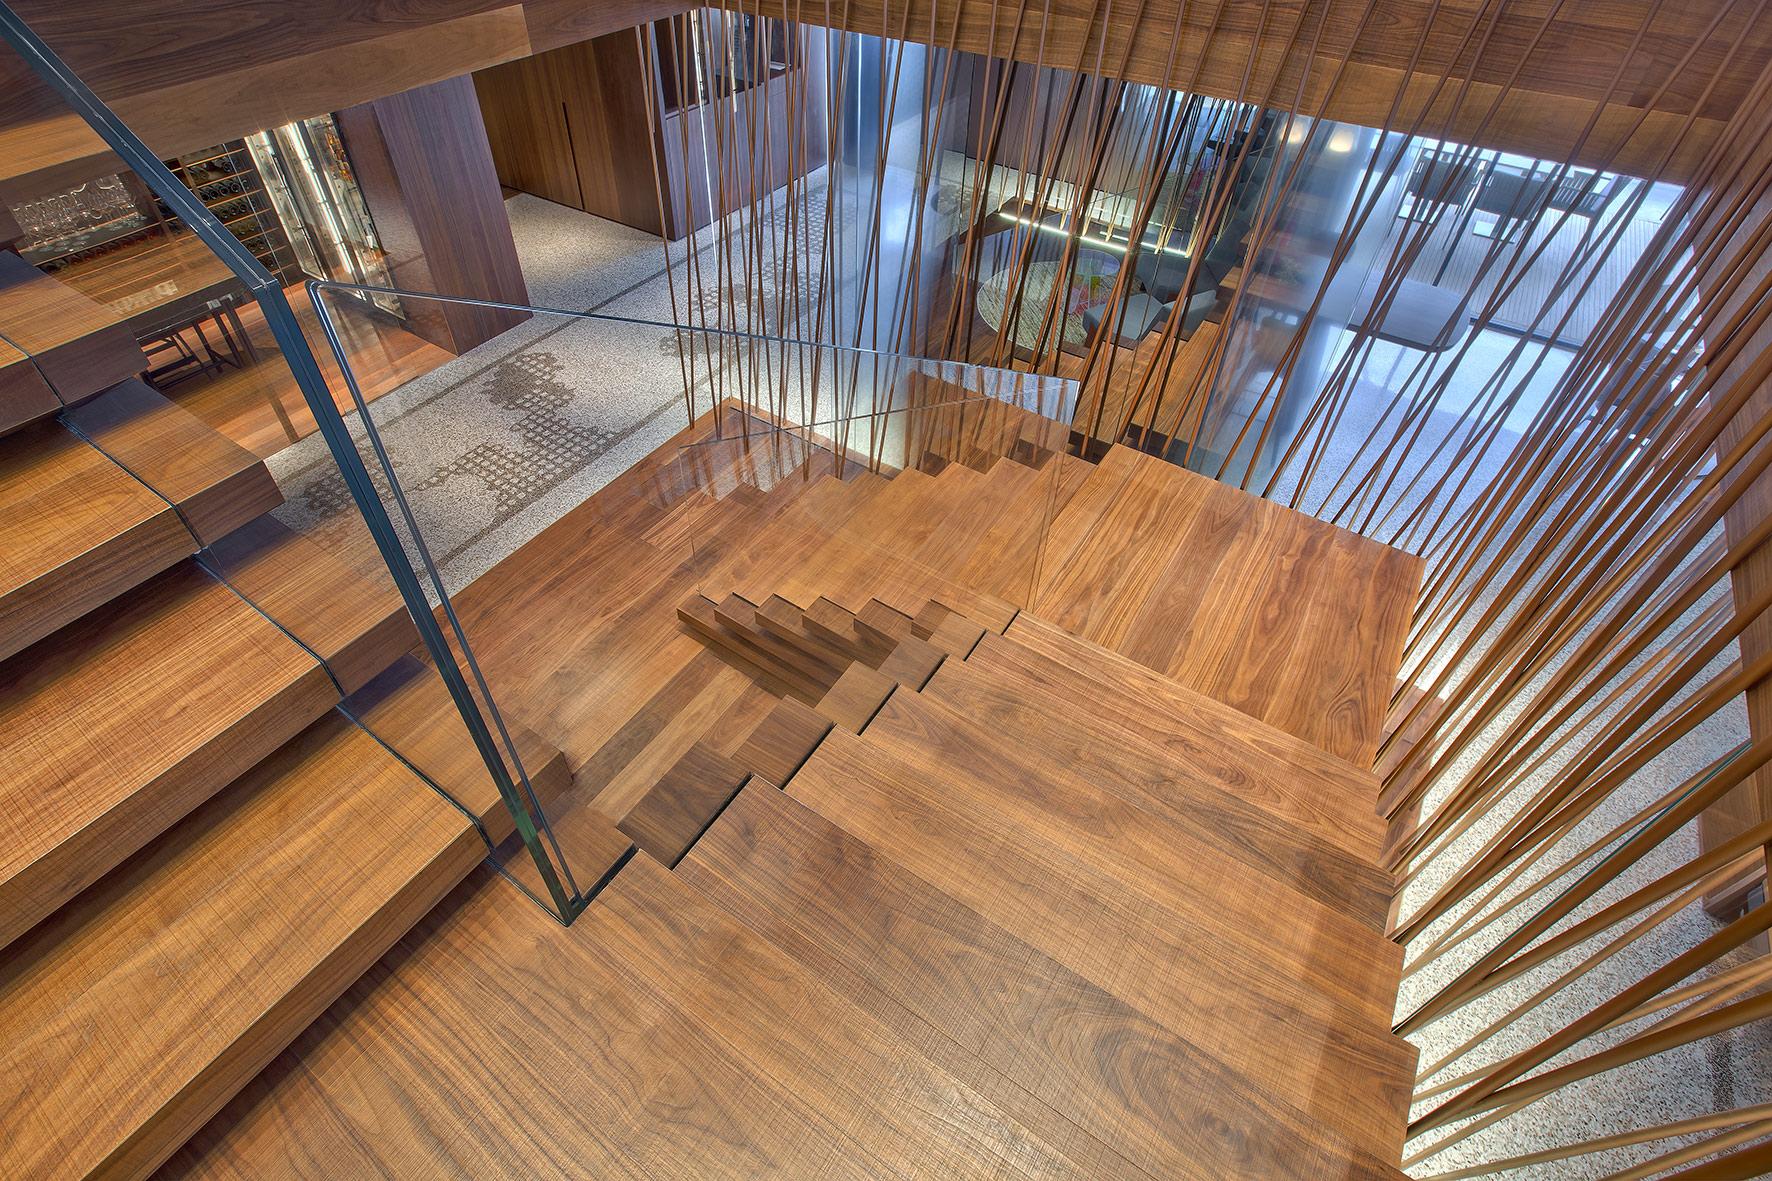 Idee Per Soppalco In Legno arredare casa con idee originali, scale design e moderne